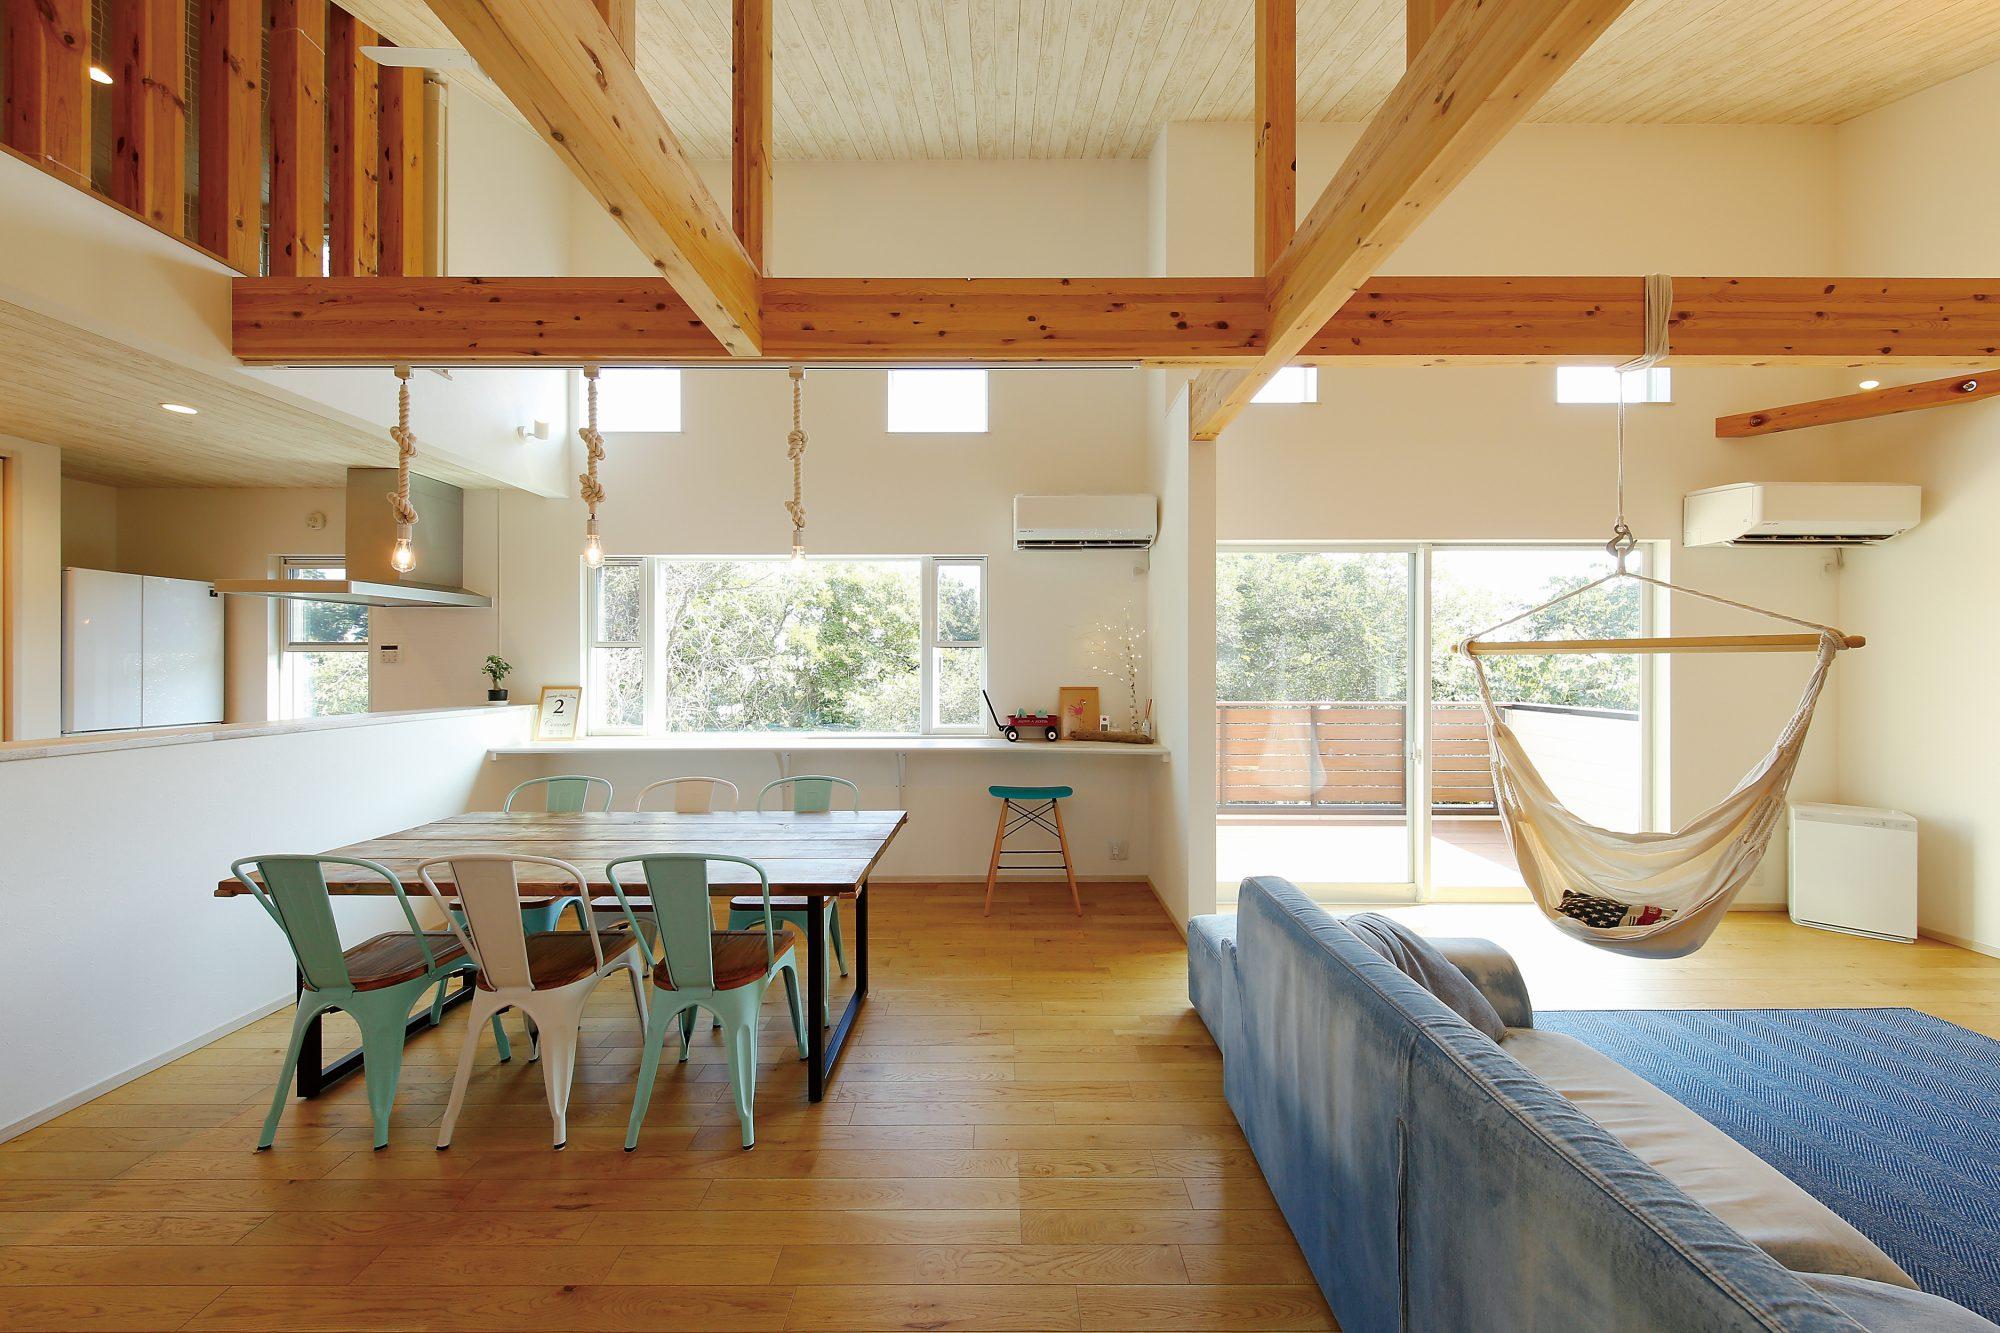 海と風を感じる暮らし。ハンモックとオープンテラスのある家